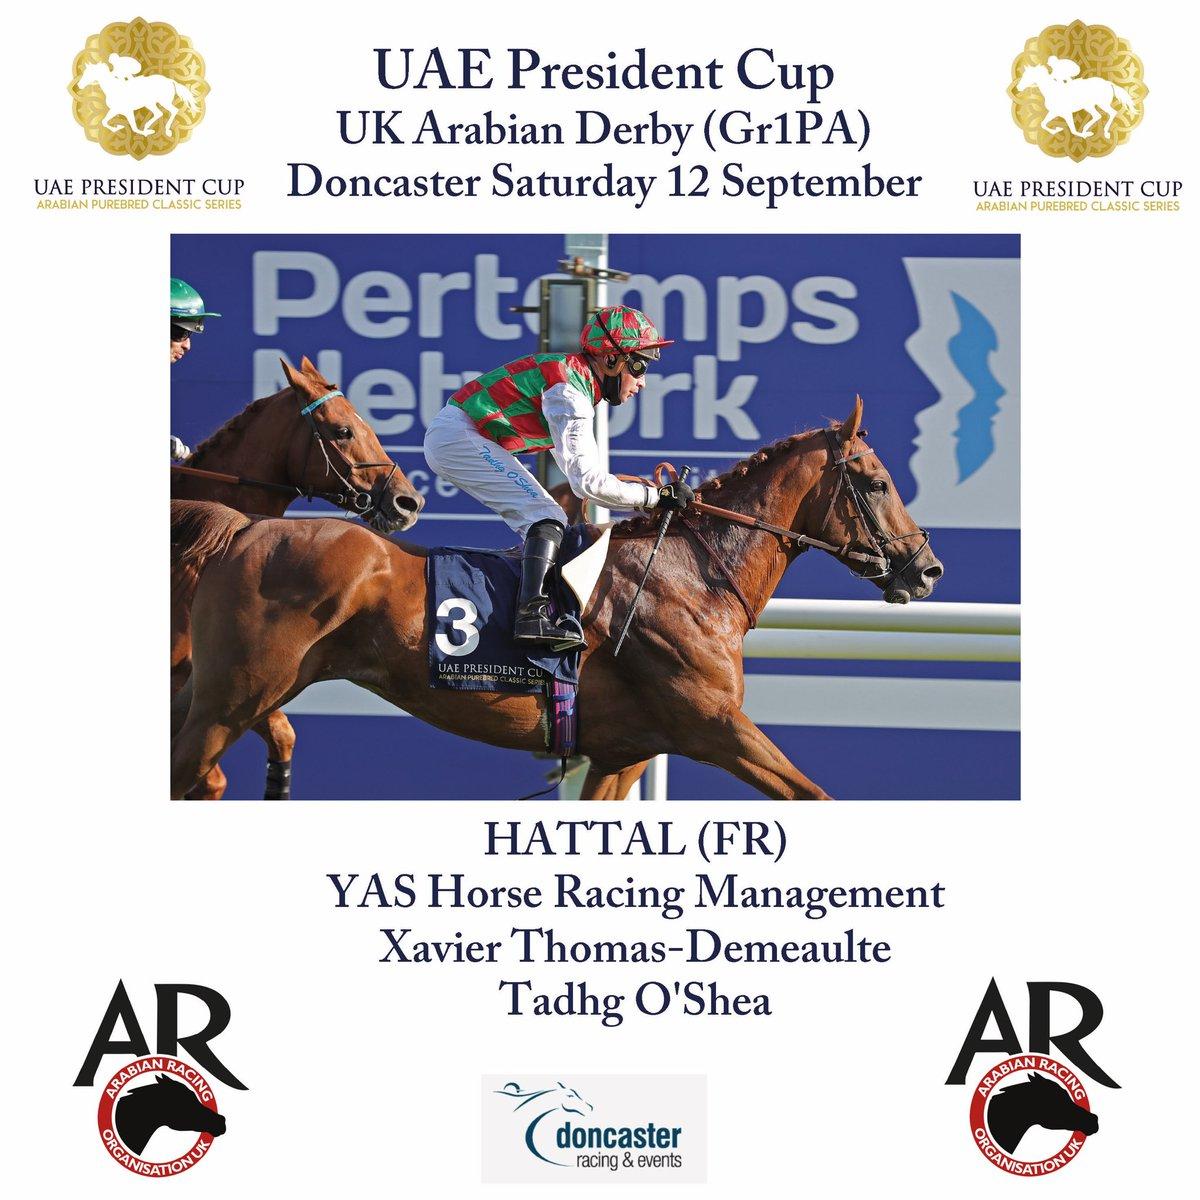 HATTAL 🇫🇷 (Mahabb) @OsheaTadhg #YAShorseracingmanagement #xavierthomasdemeaulte #winners 🏆🏇@UAEPresCupRace #UKArabianDerby @DoncasterRaces @ArabianRH @TheFrenchPA @BHAPressOffice @afac_contact @DubaiRacingTV @larawathbastud @BHAPressOffice @rpbloodstock @ArabFinishLine